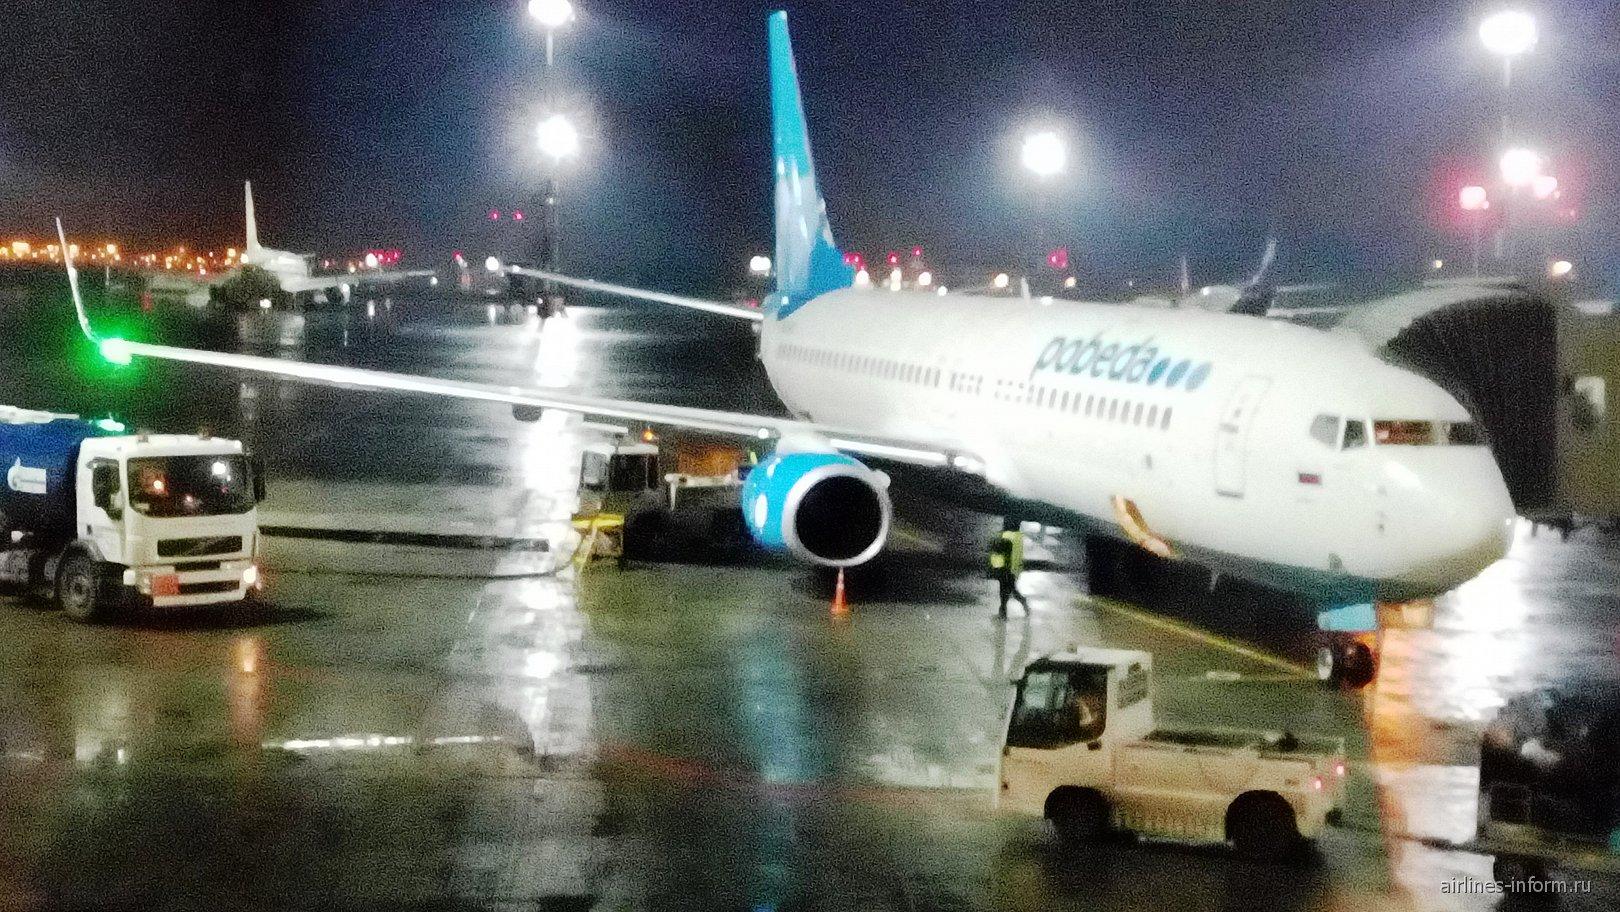 ПОБЕДный рейс из северной столицы в уральскую столицу: безопасность полётов